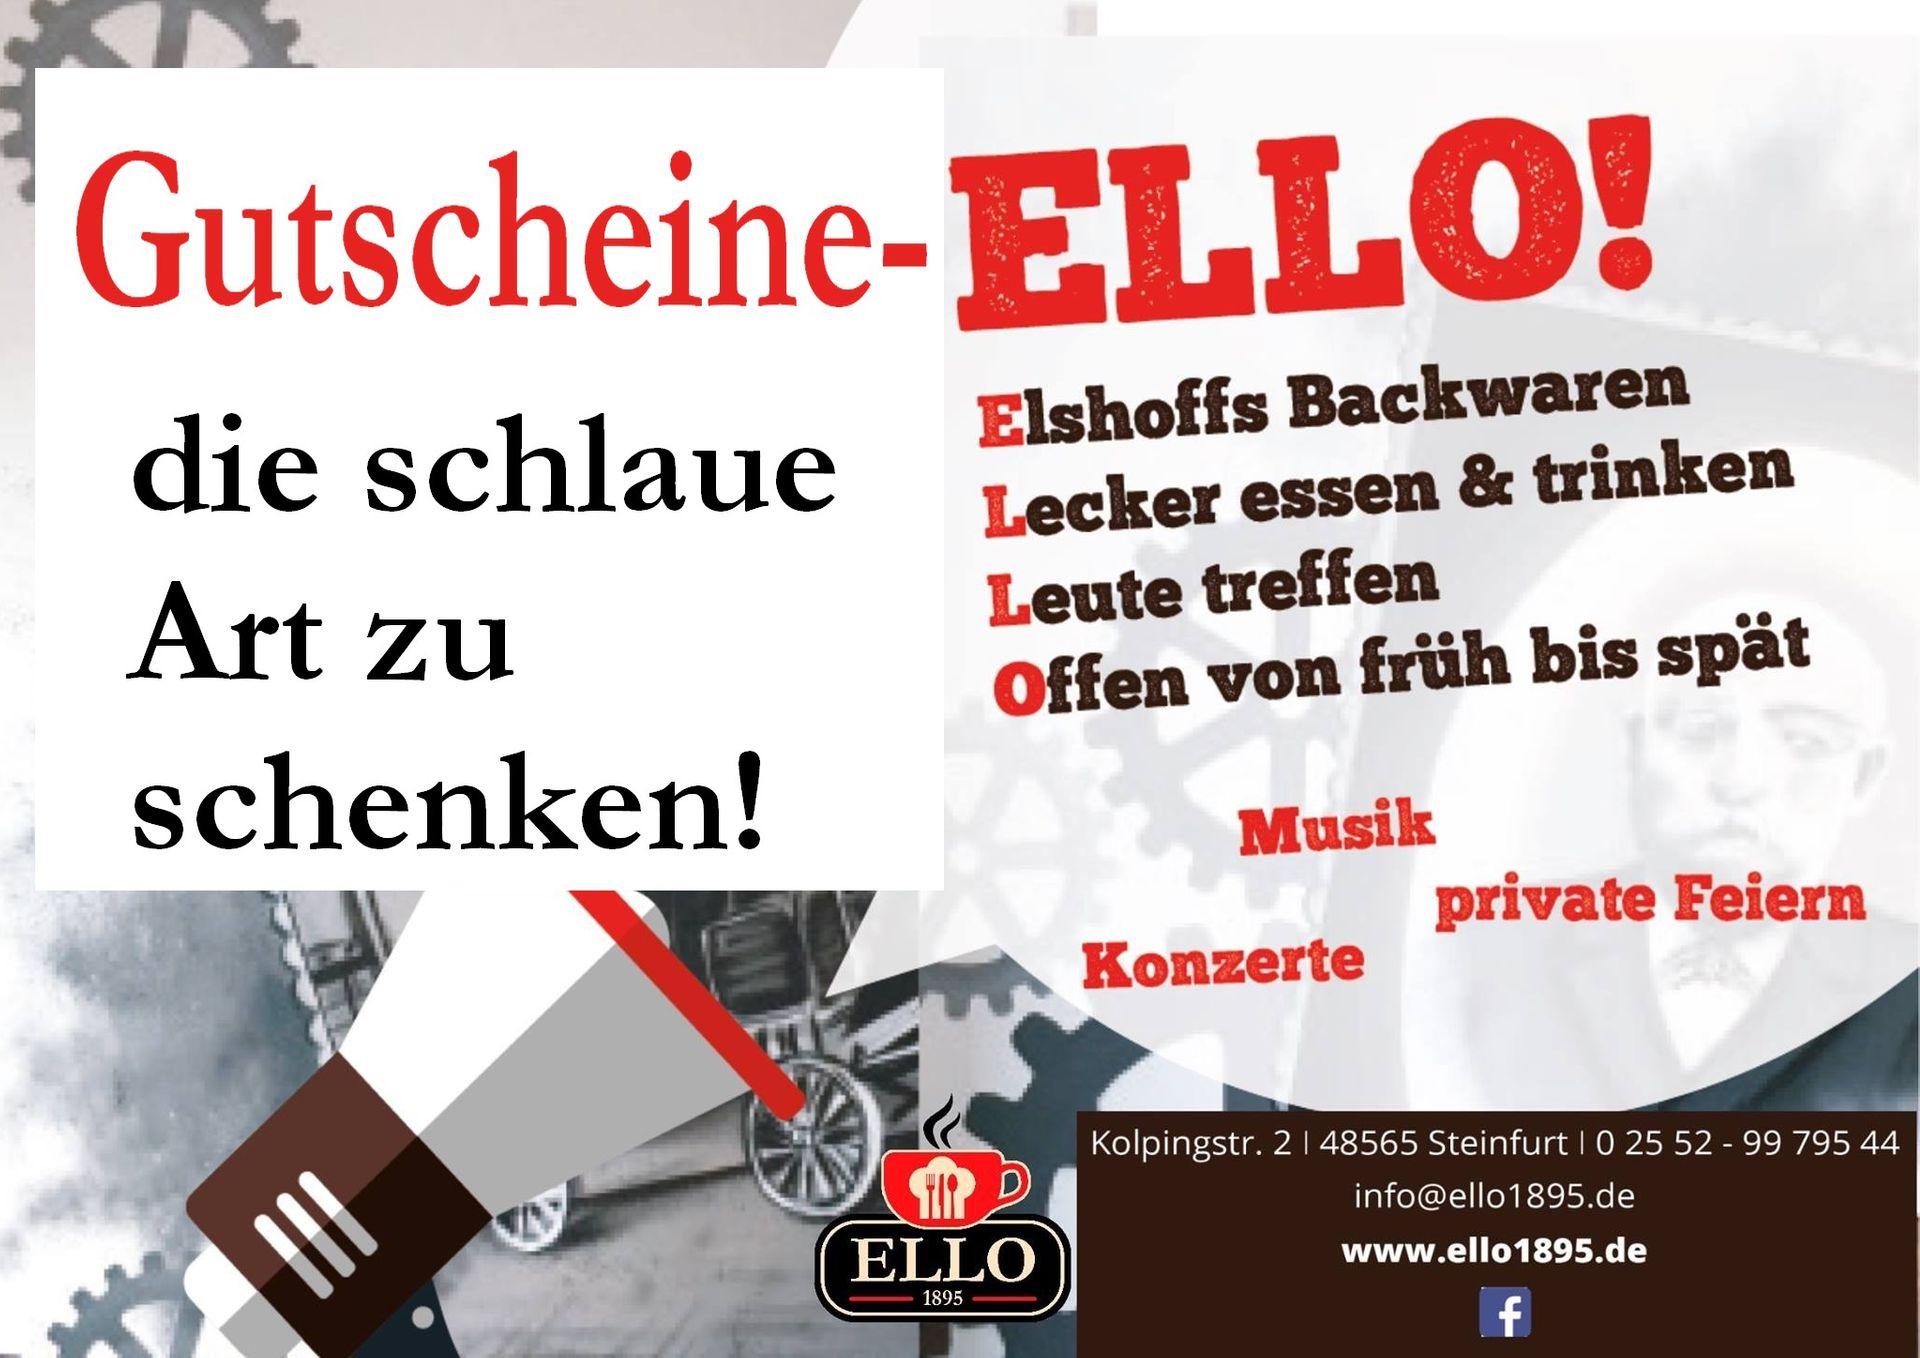 Herzlich willkommen! - (H)ELLO | ELLO - 1895